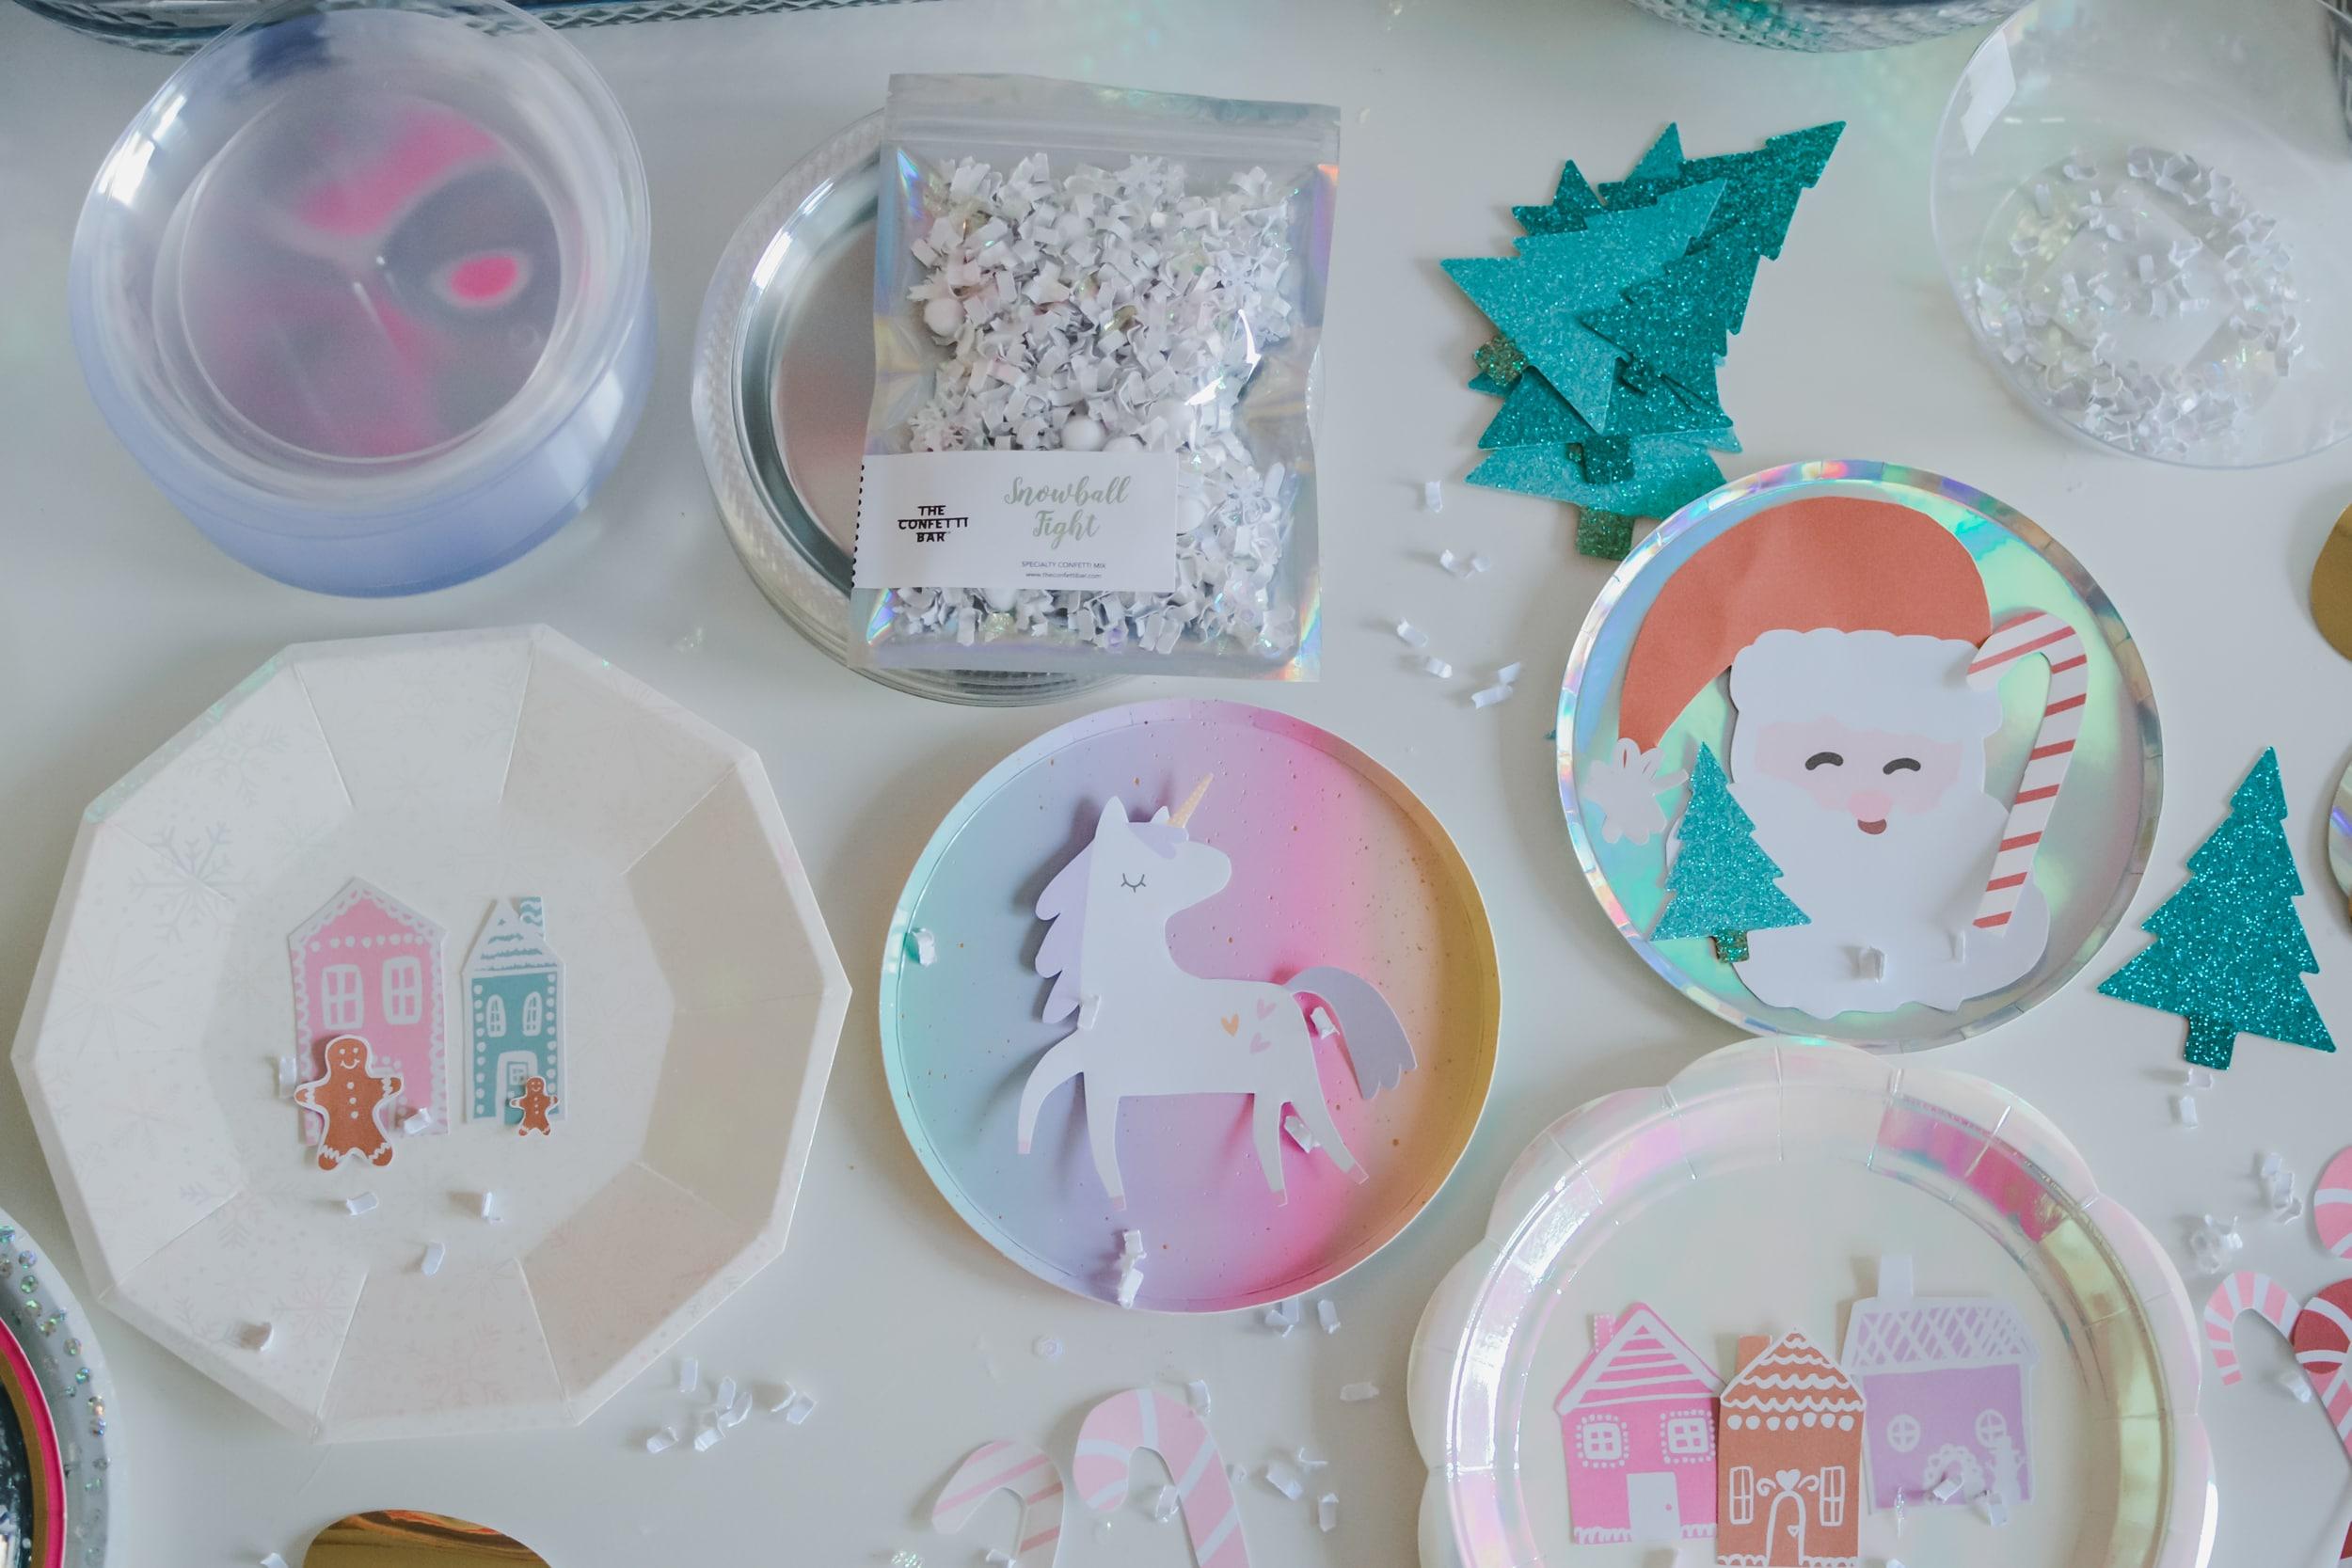 DIY Paper Plate Confetti Snowglobe Shakers